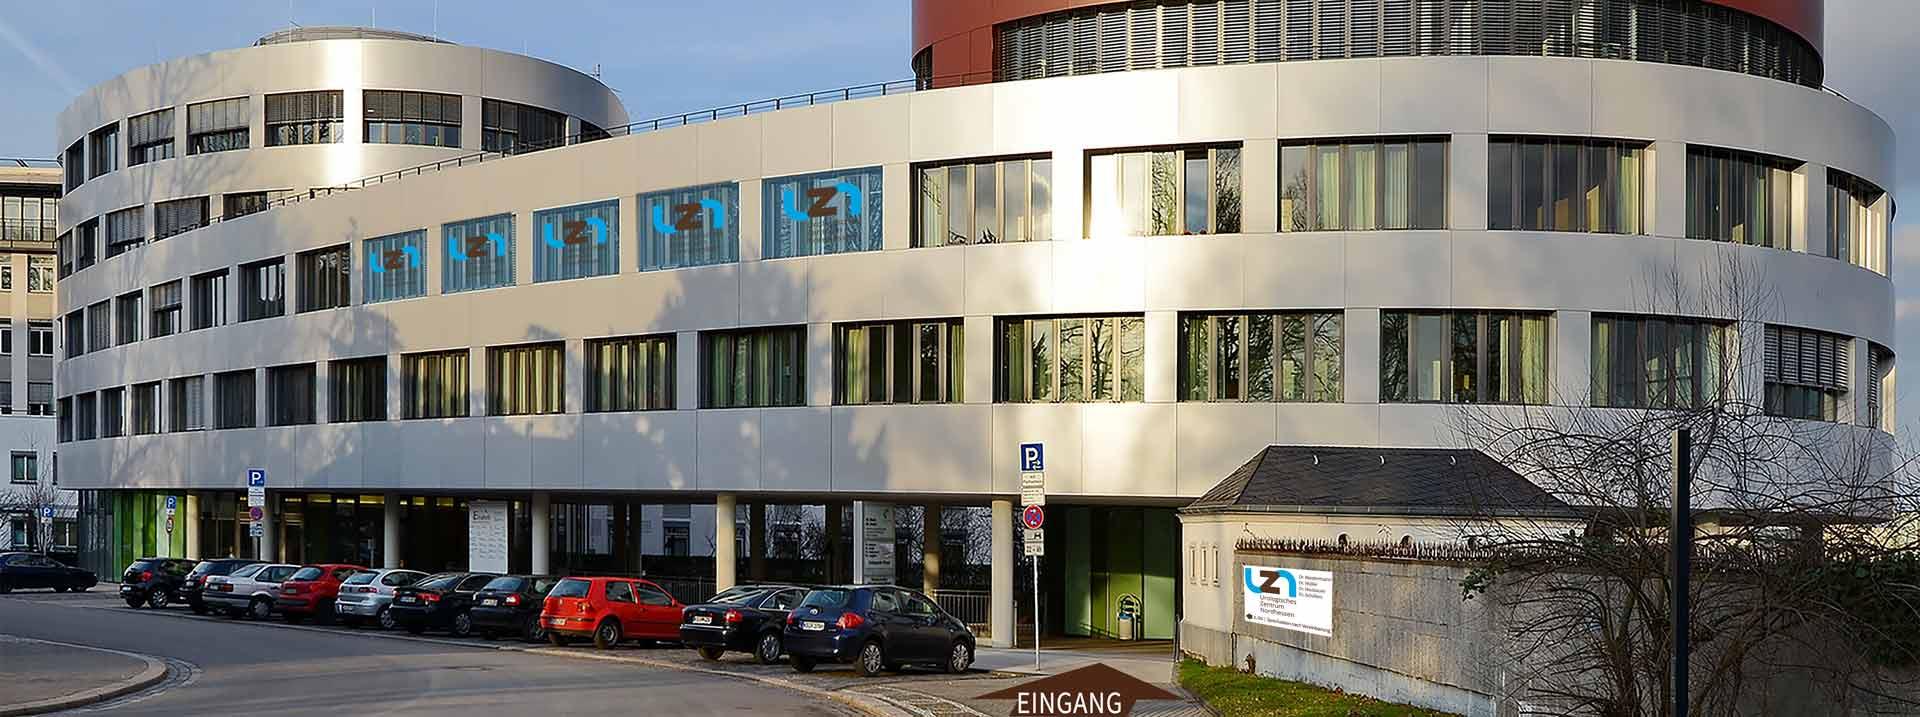 EKH Gebaeude-Eingang - uzn 2. of